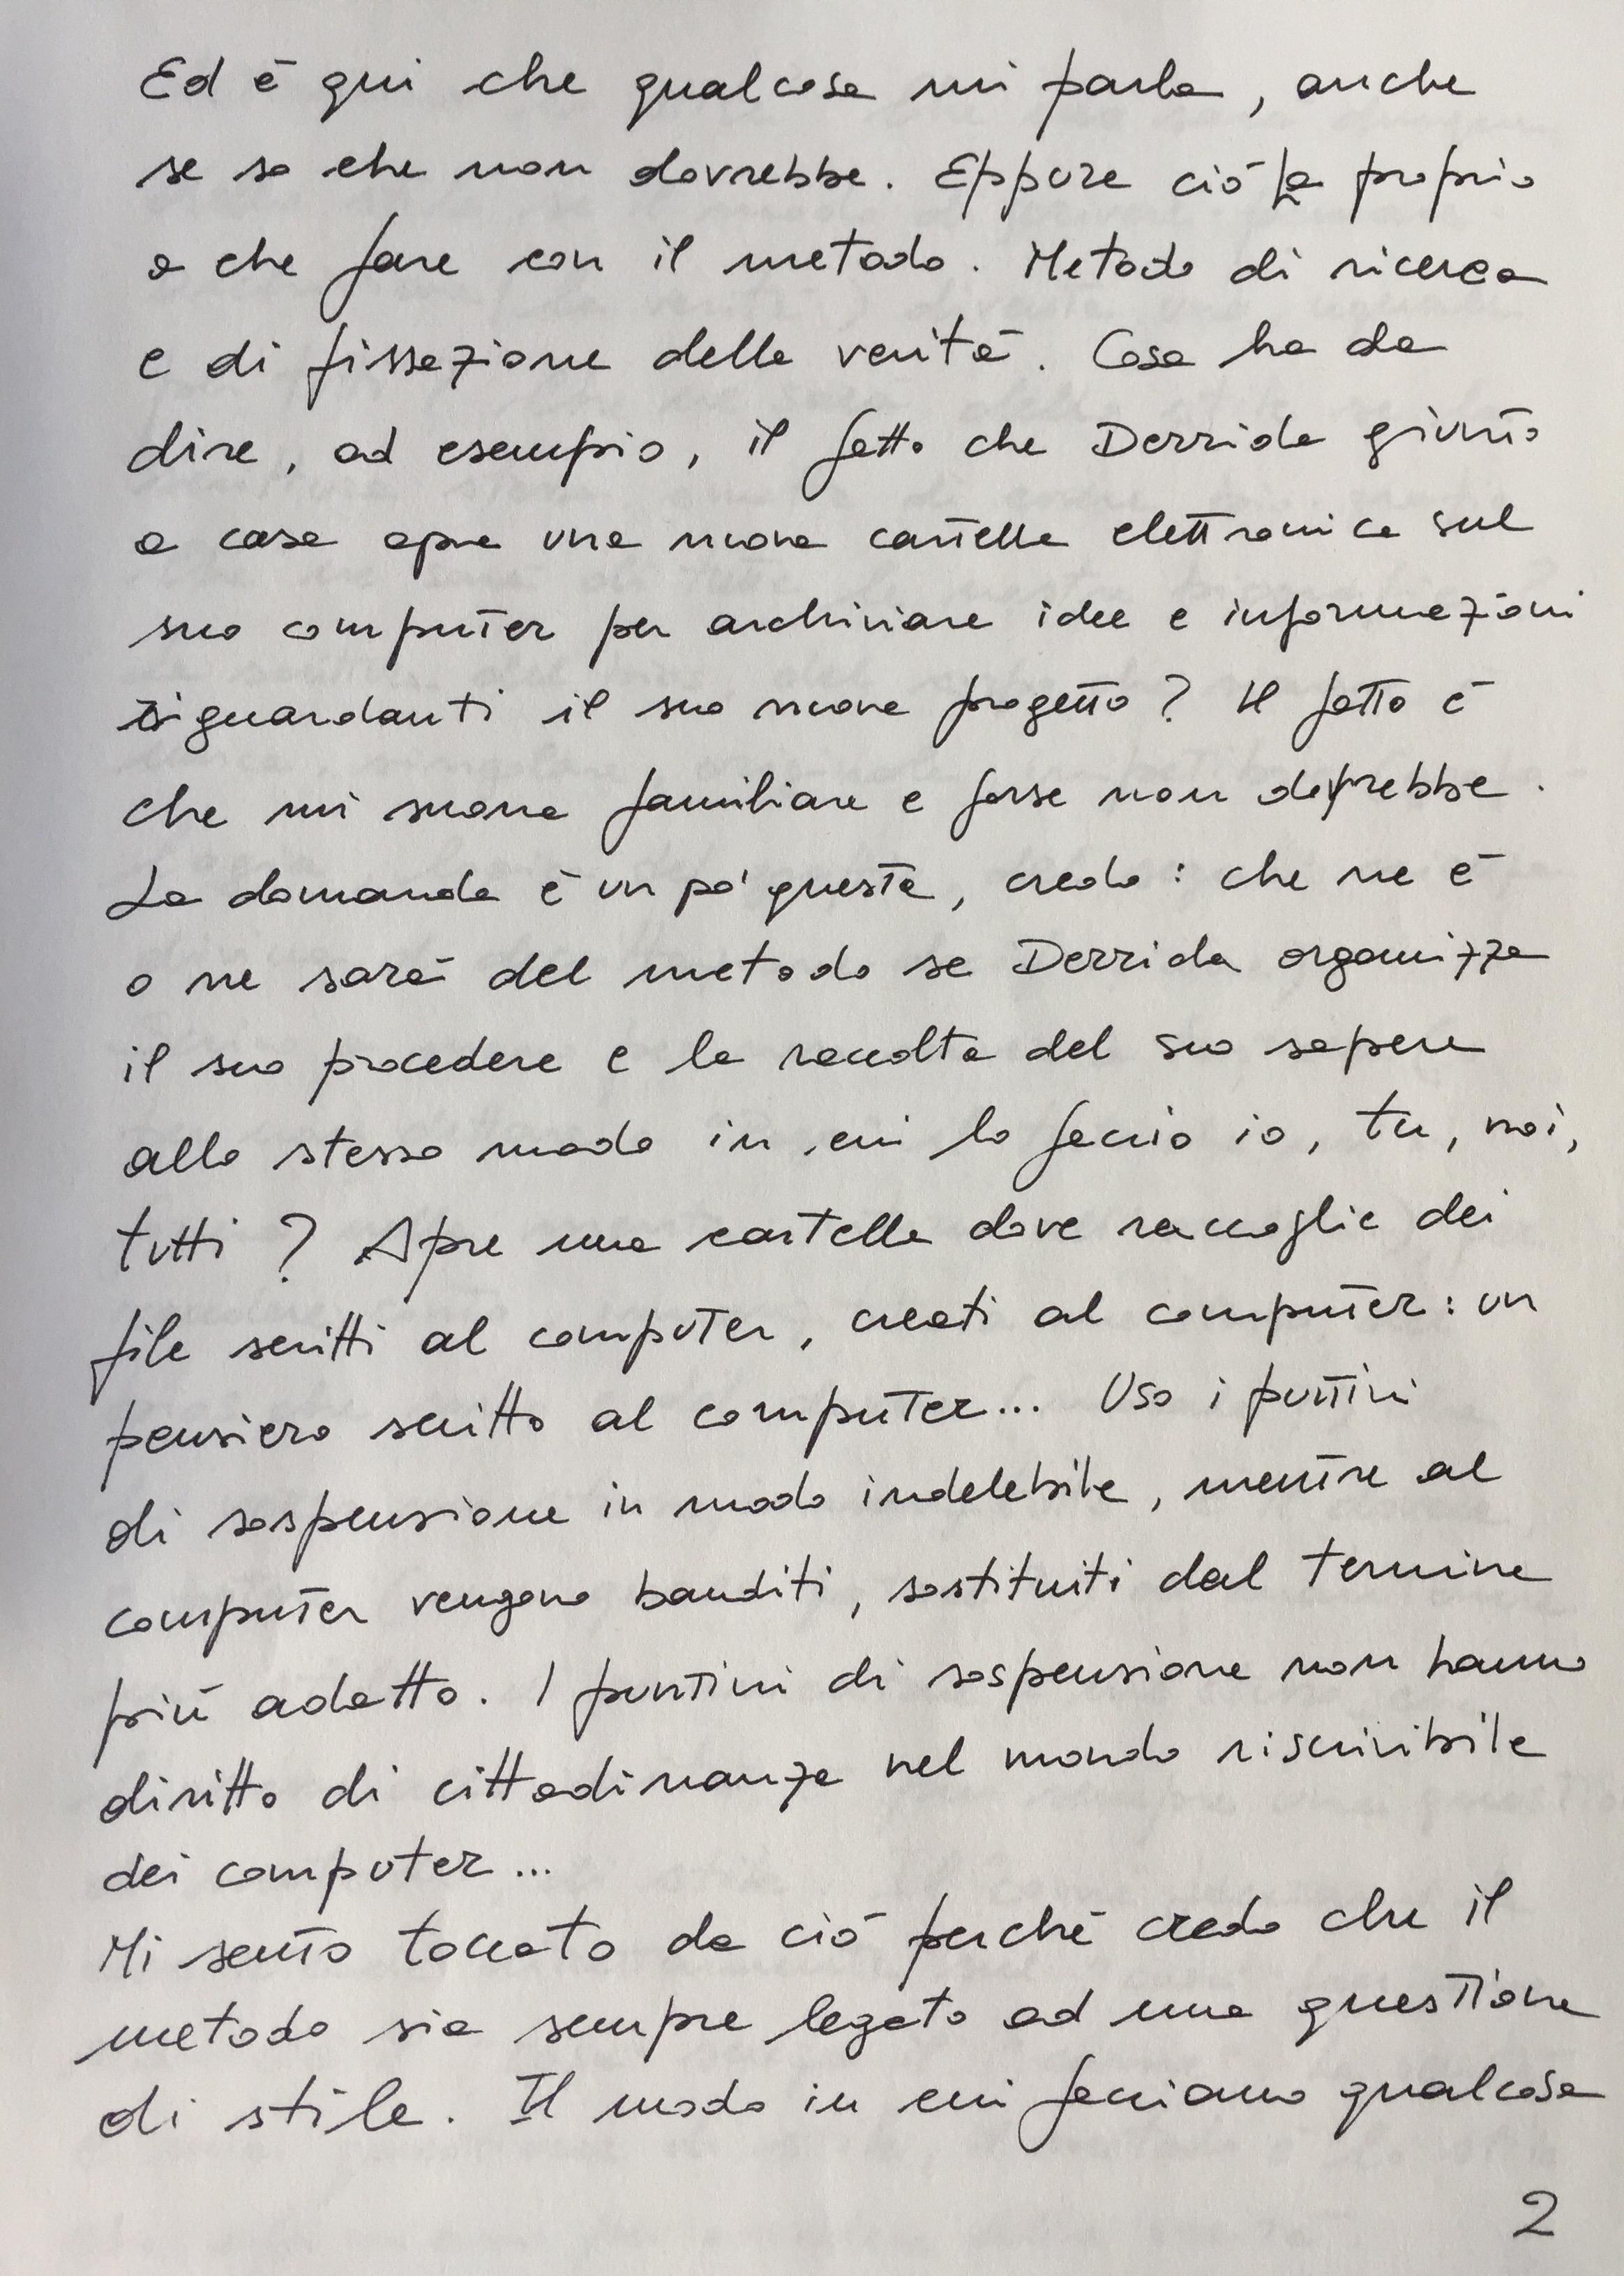 Appunti per una scrittura del bios #2